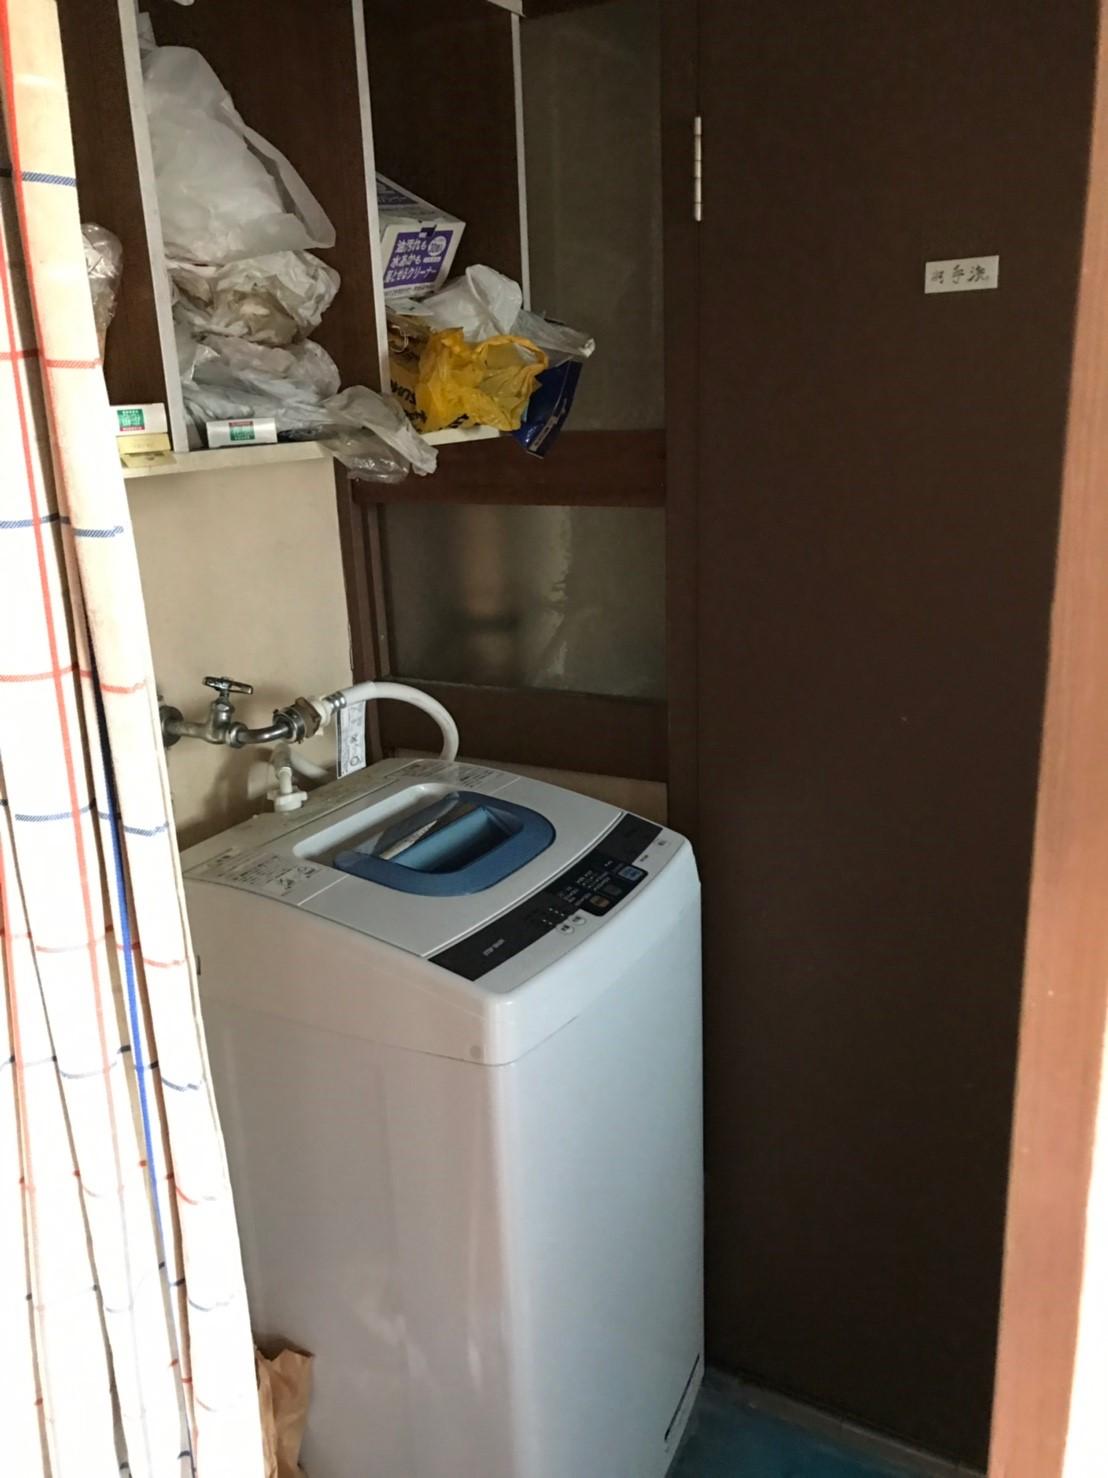 東京都府中市 洗濯機、日用雑貨など不用品回収